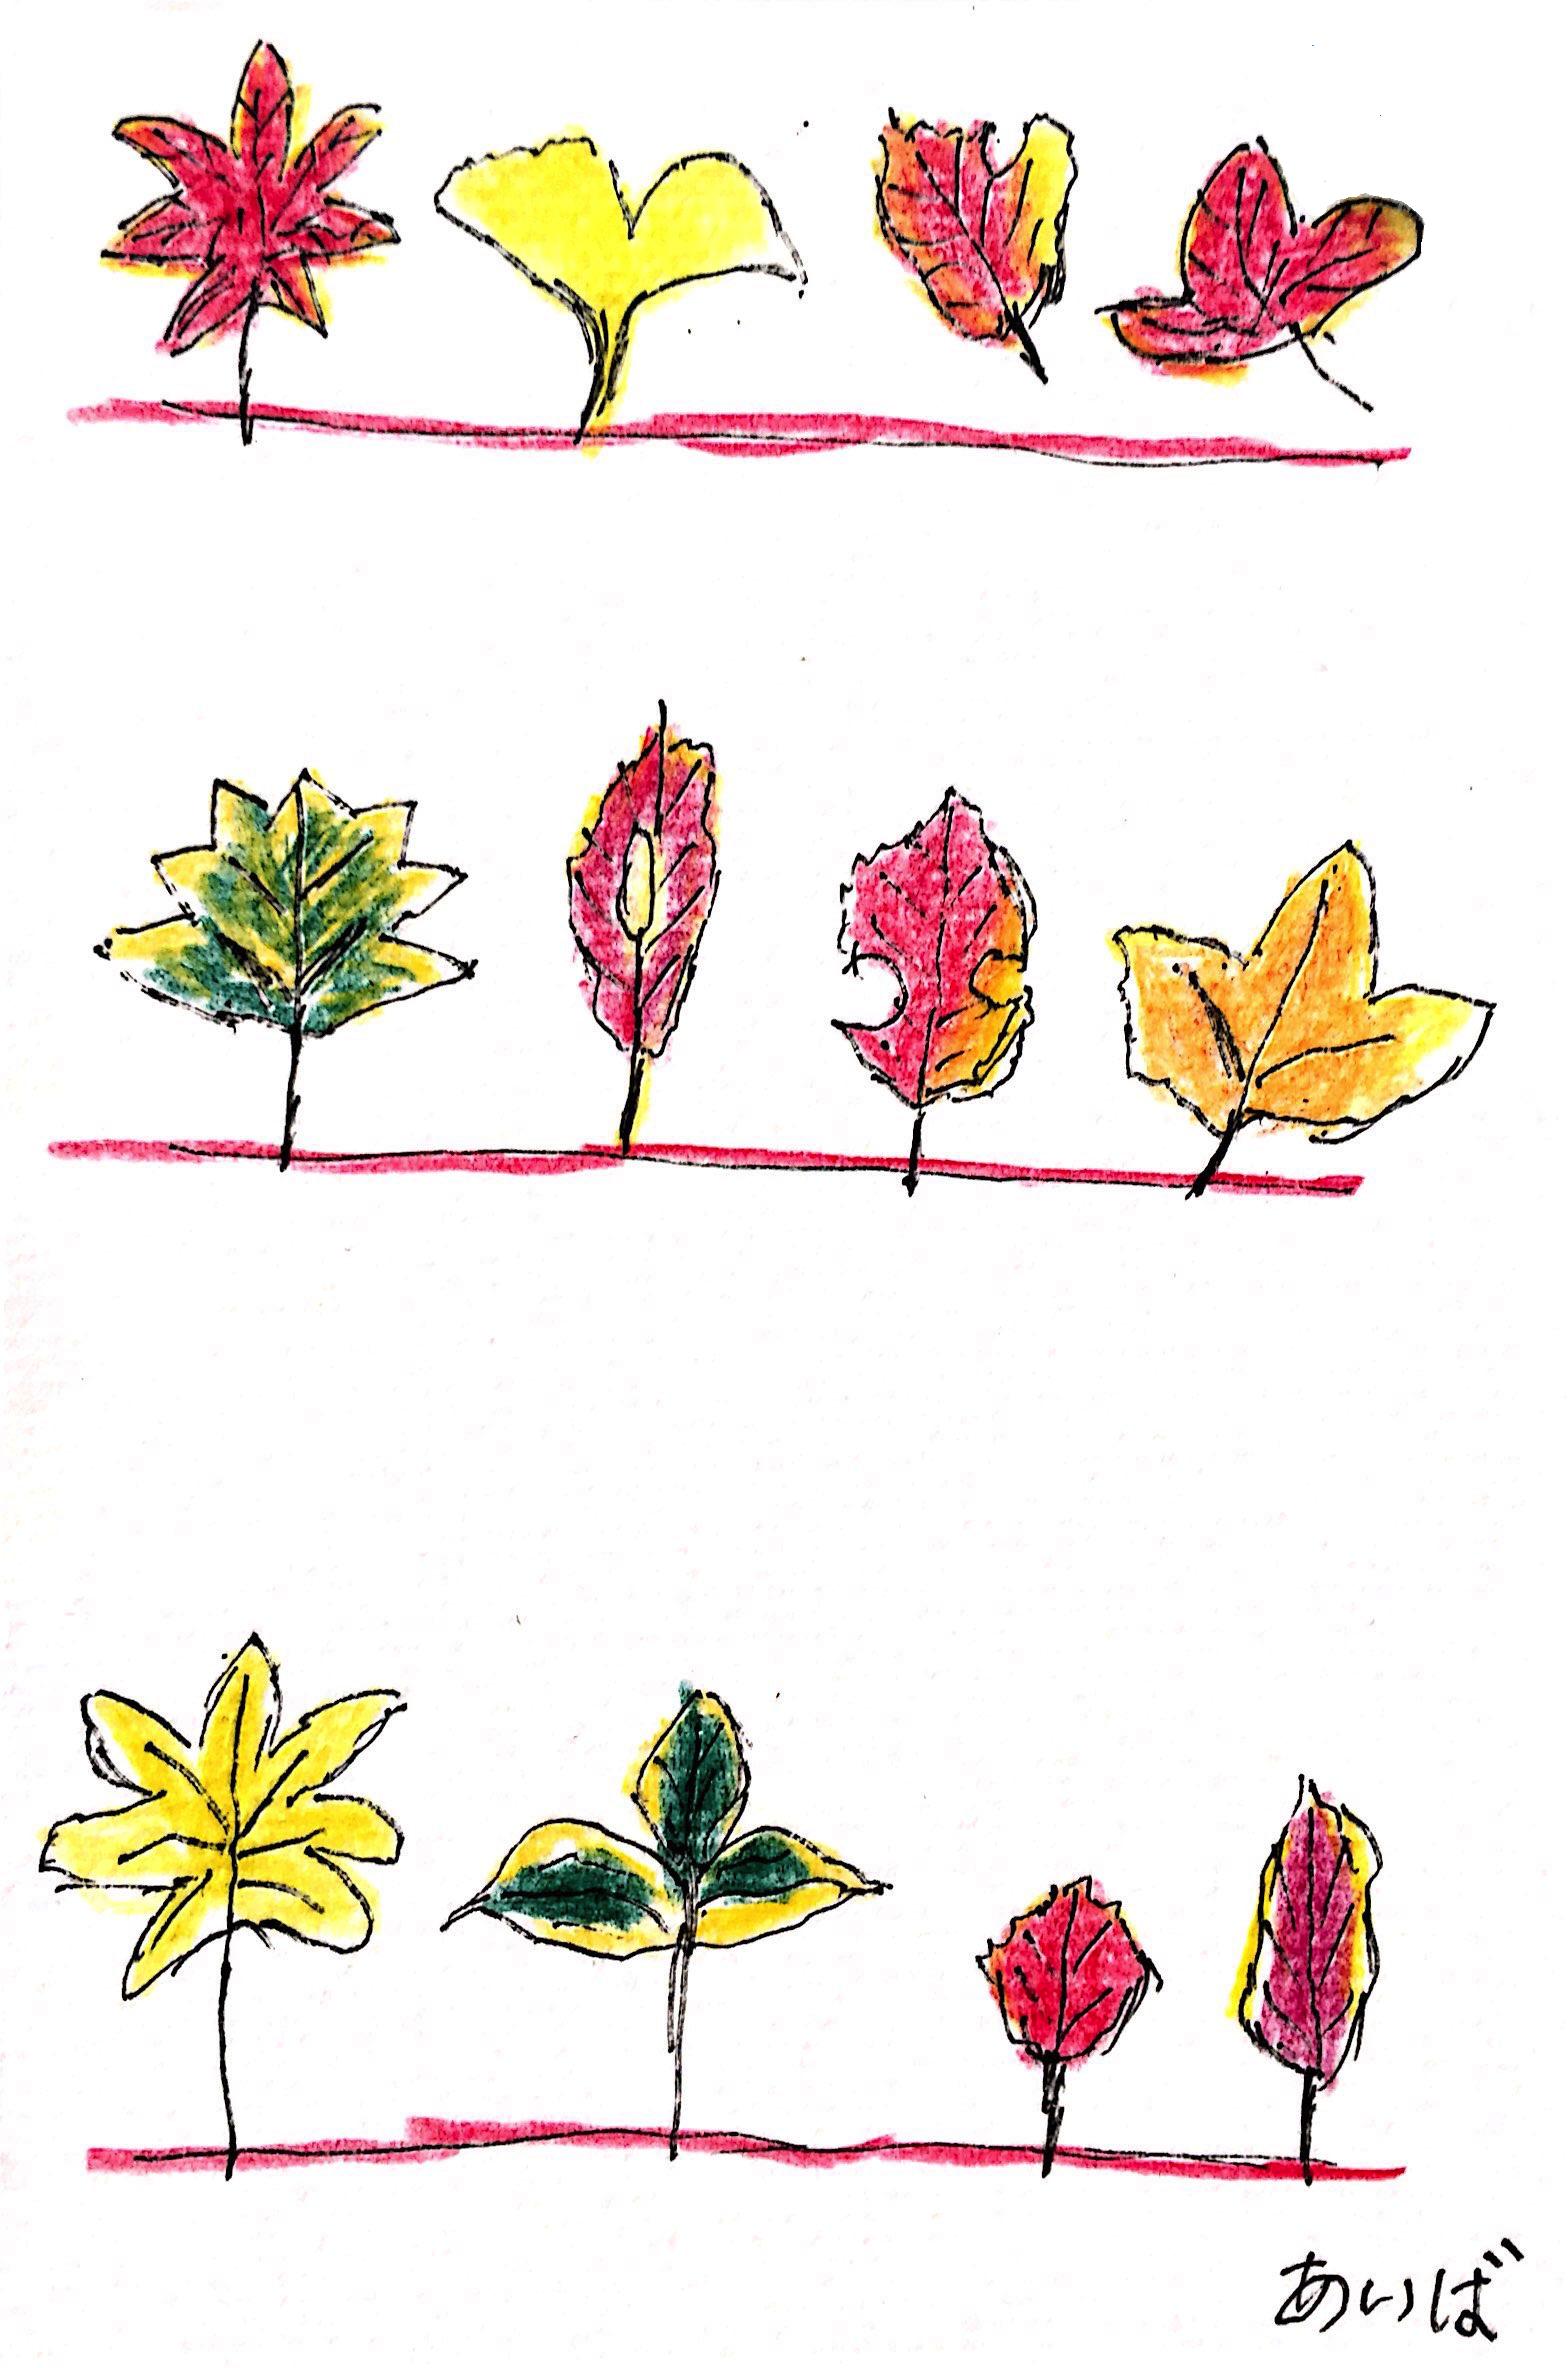 秋冬を彩る枯れ葉たち 三枚目